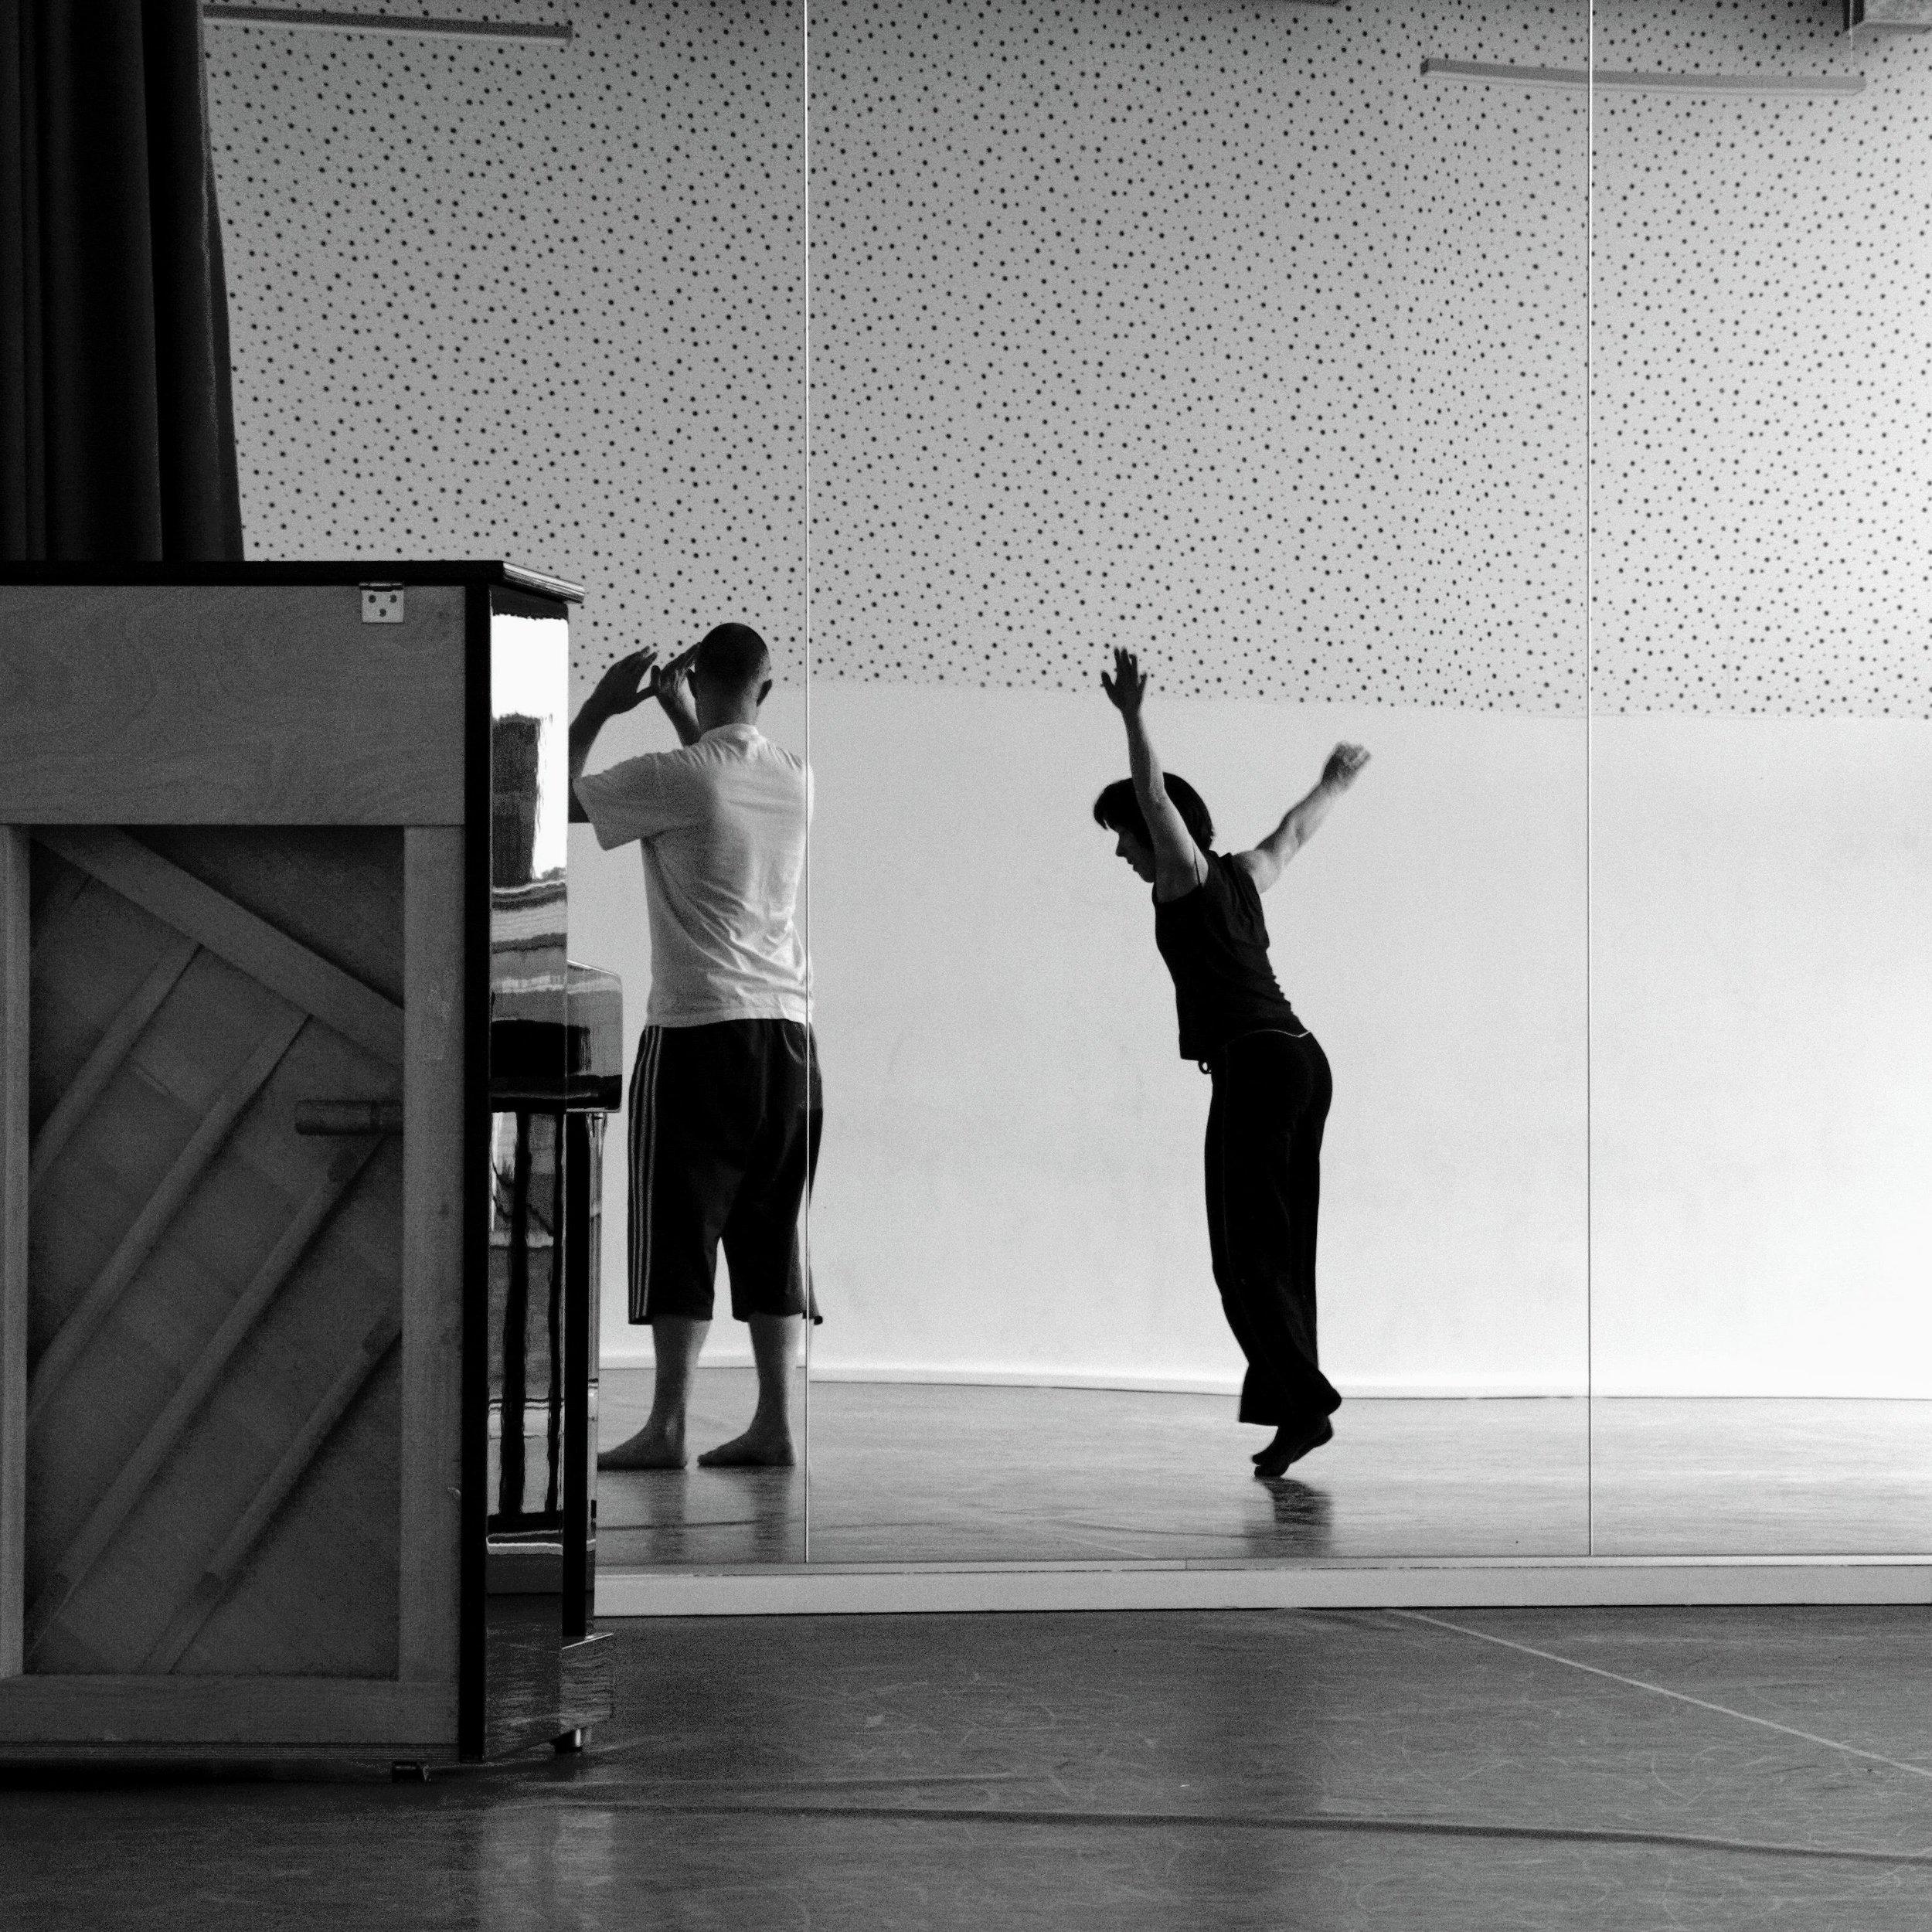 4MAURICE_KELLIHER_DANCE.JPG